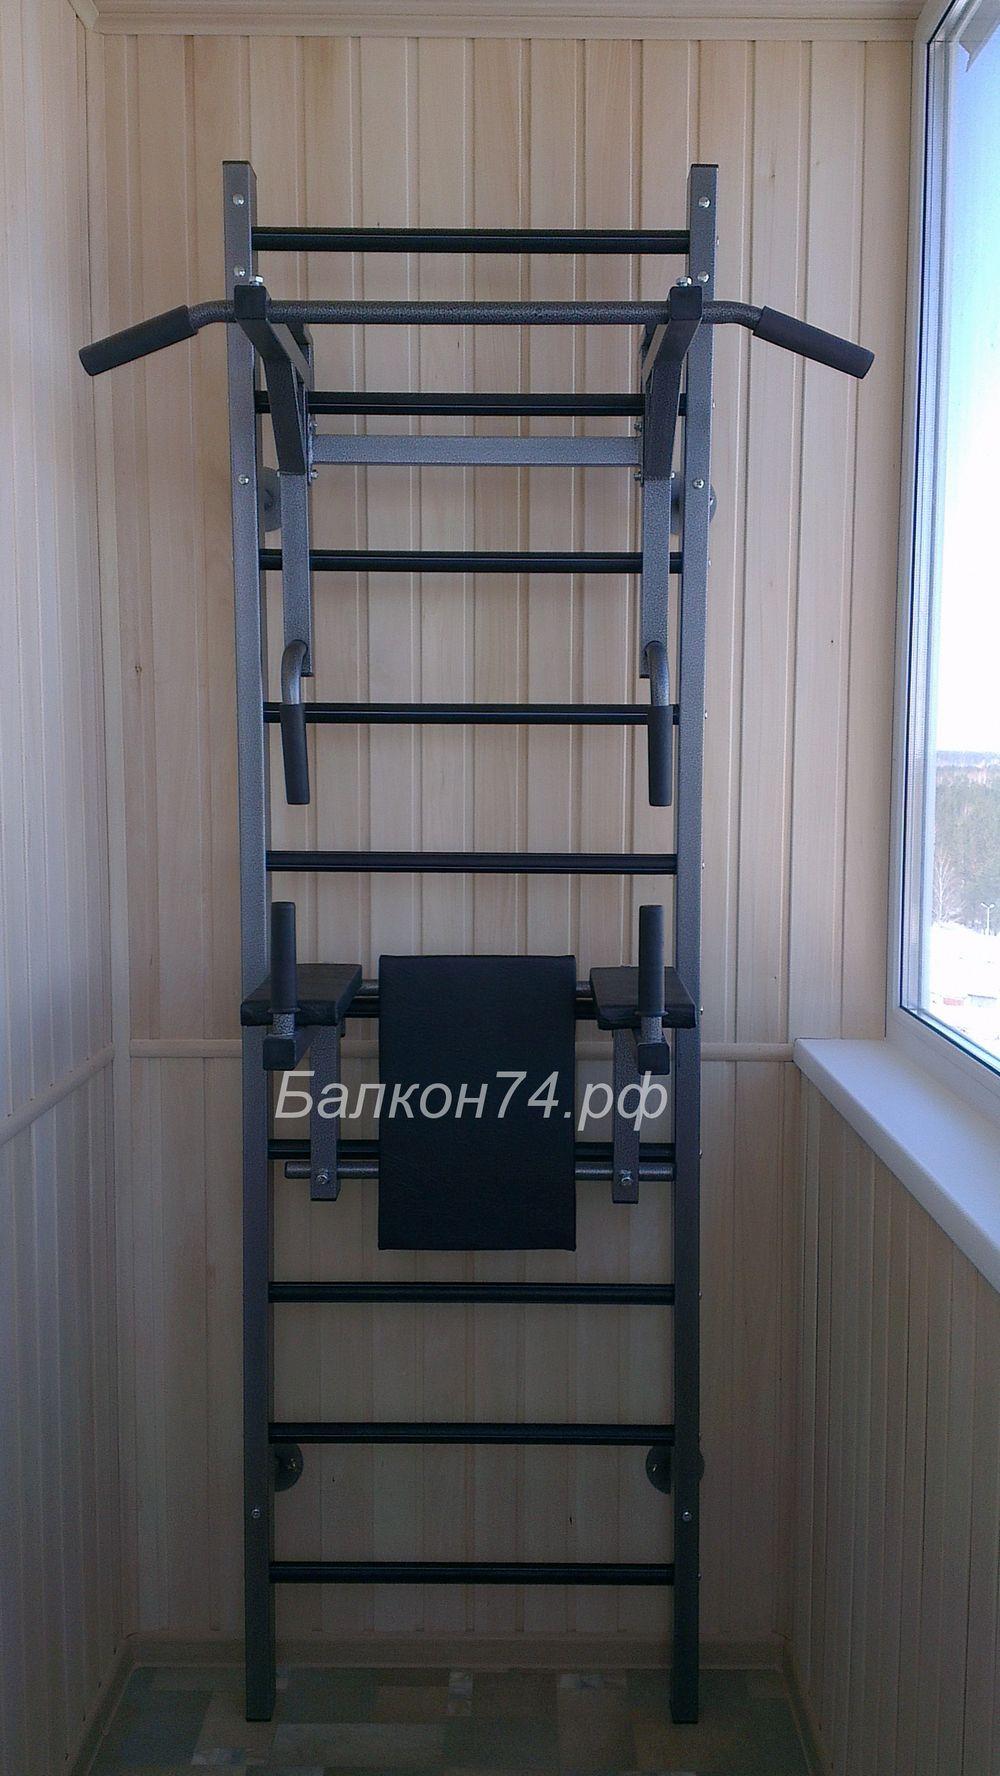 Пеимущества и фотографии балконов после отделки липой.